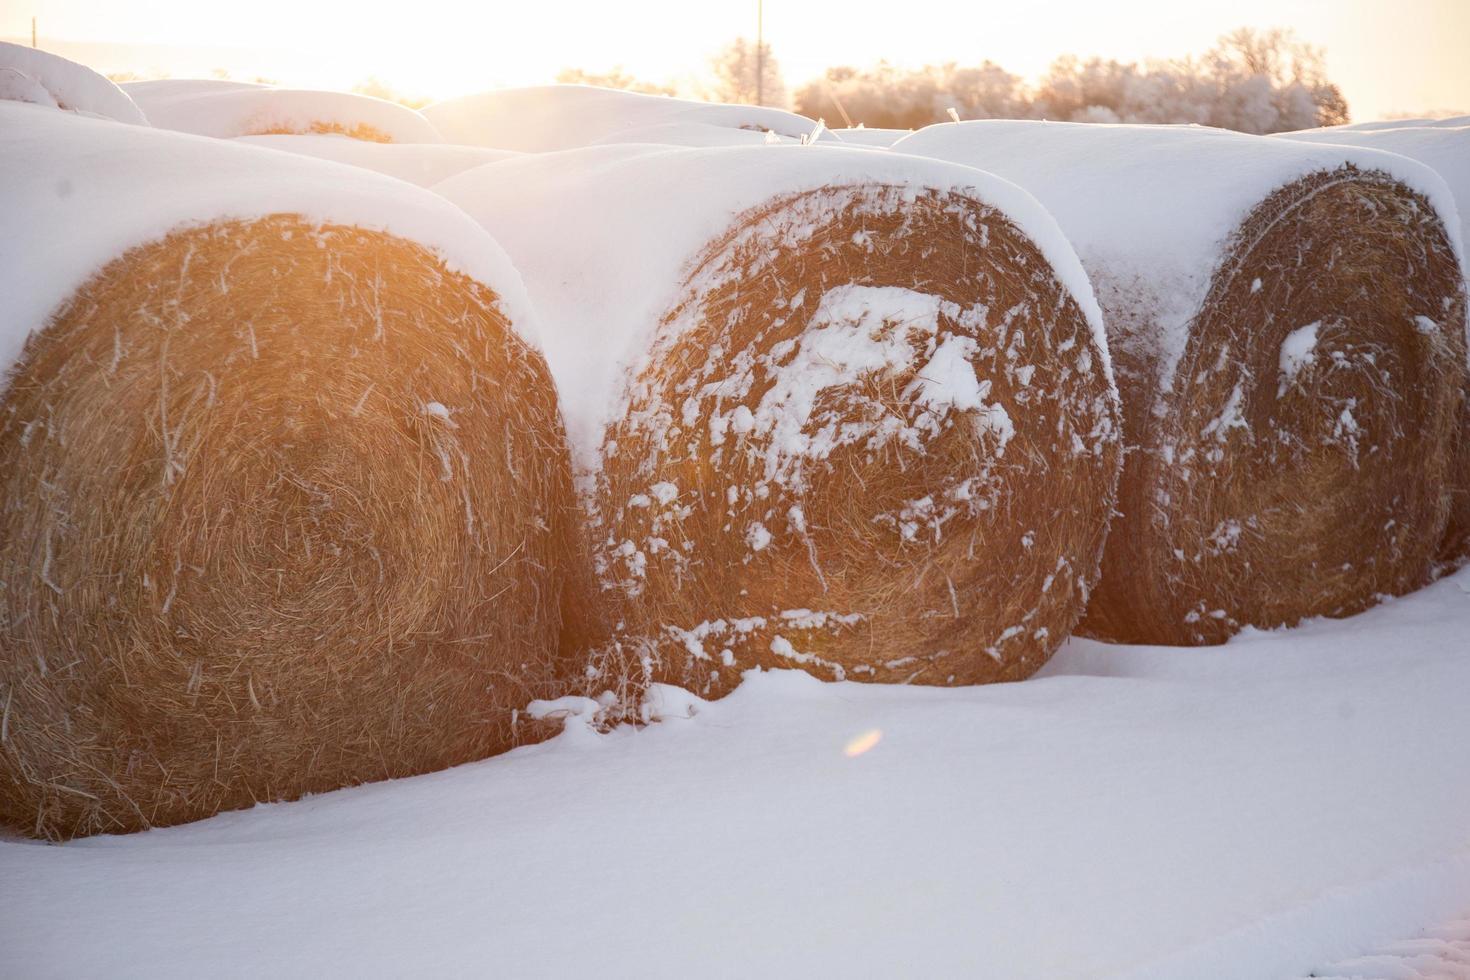 bågar av hö vid soluppgång i snön foto